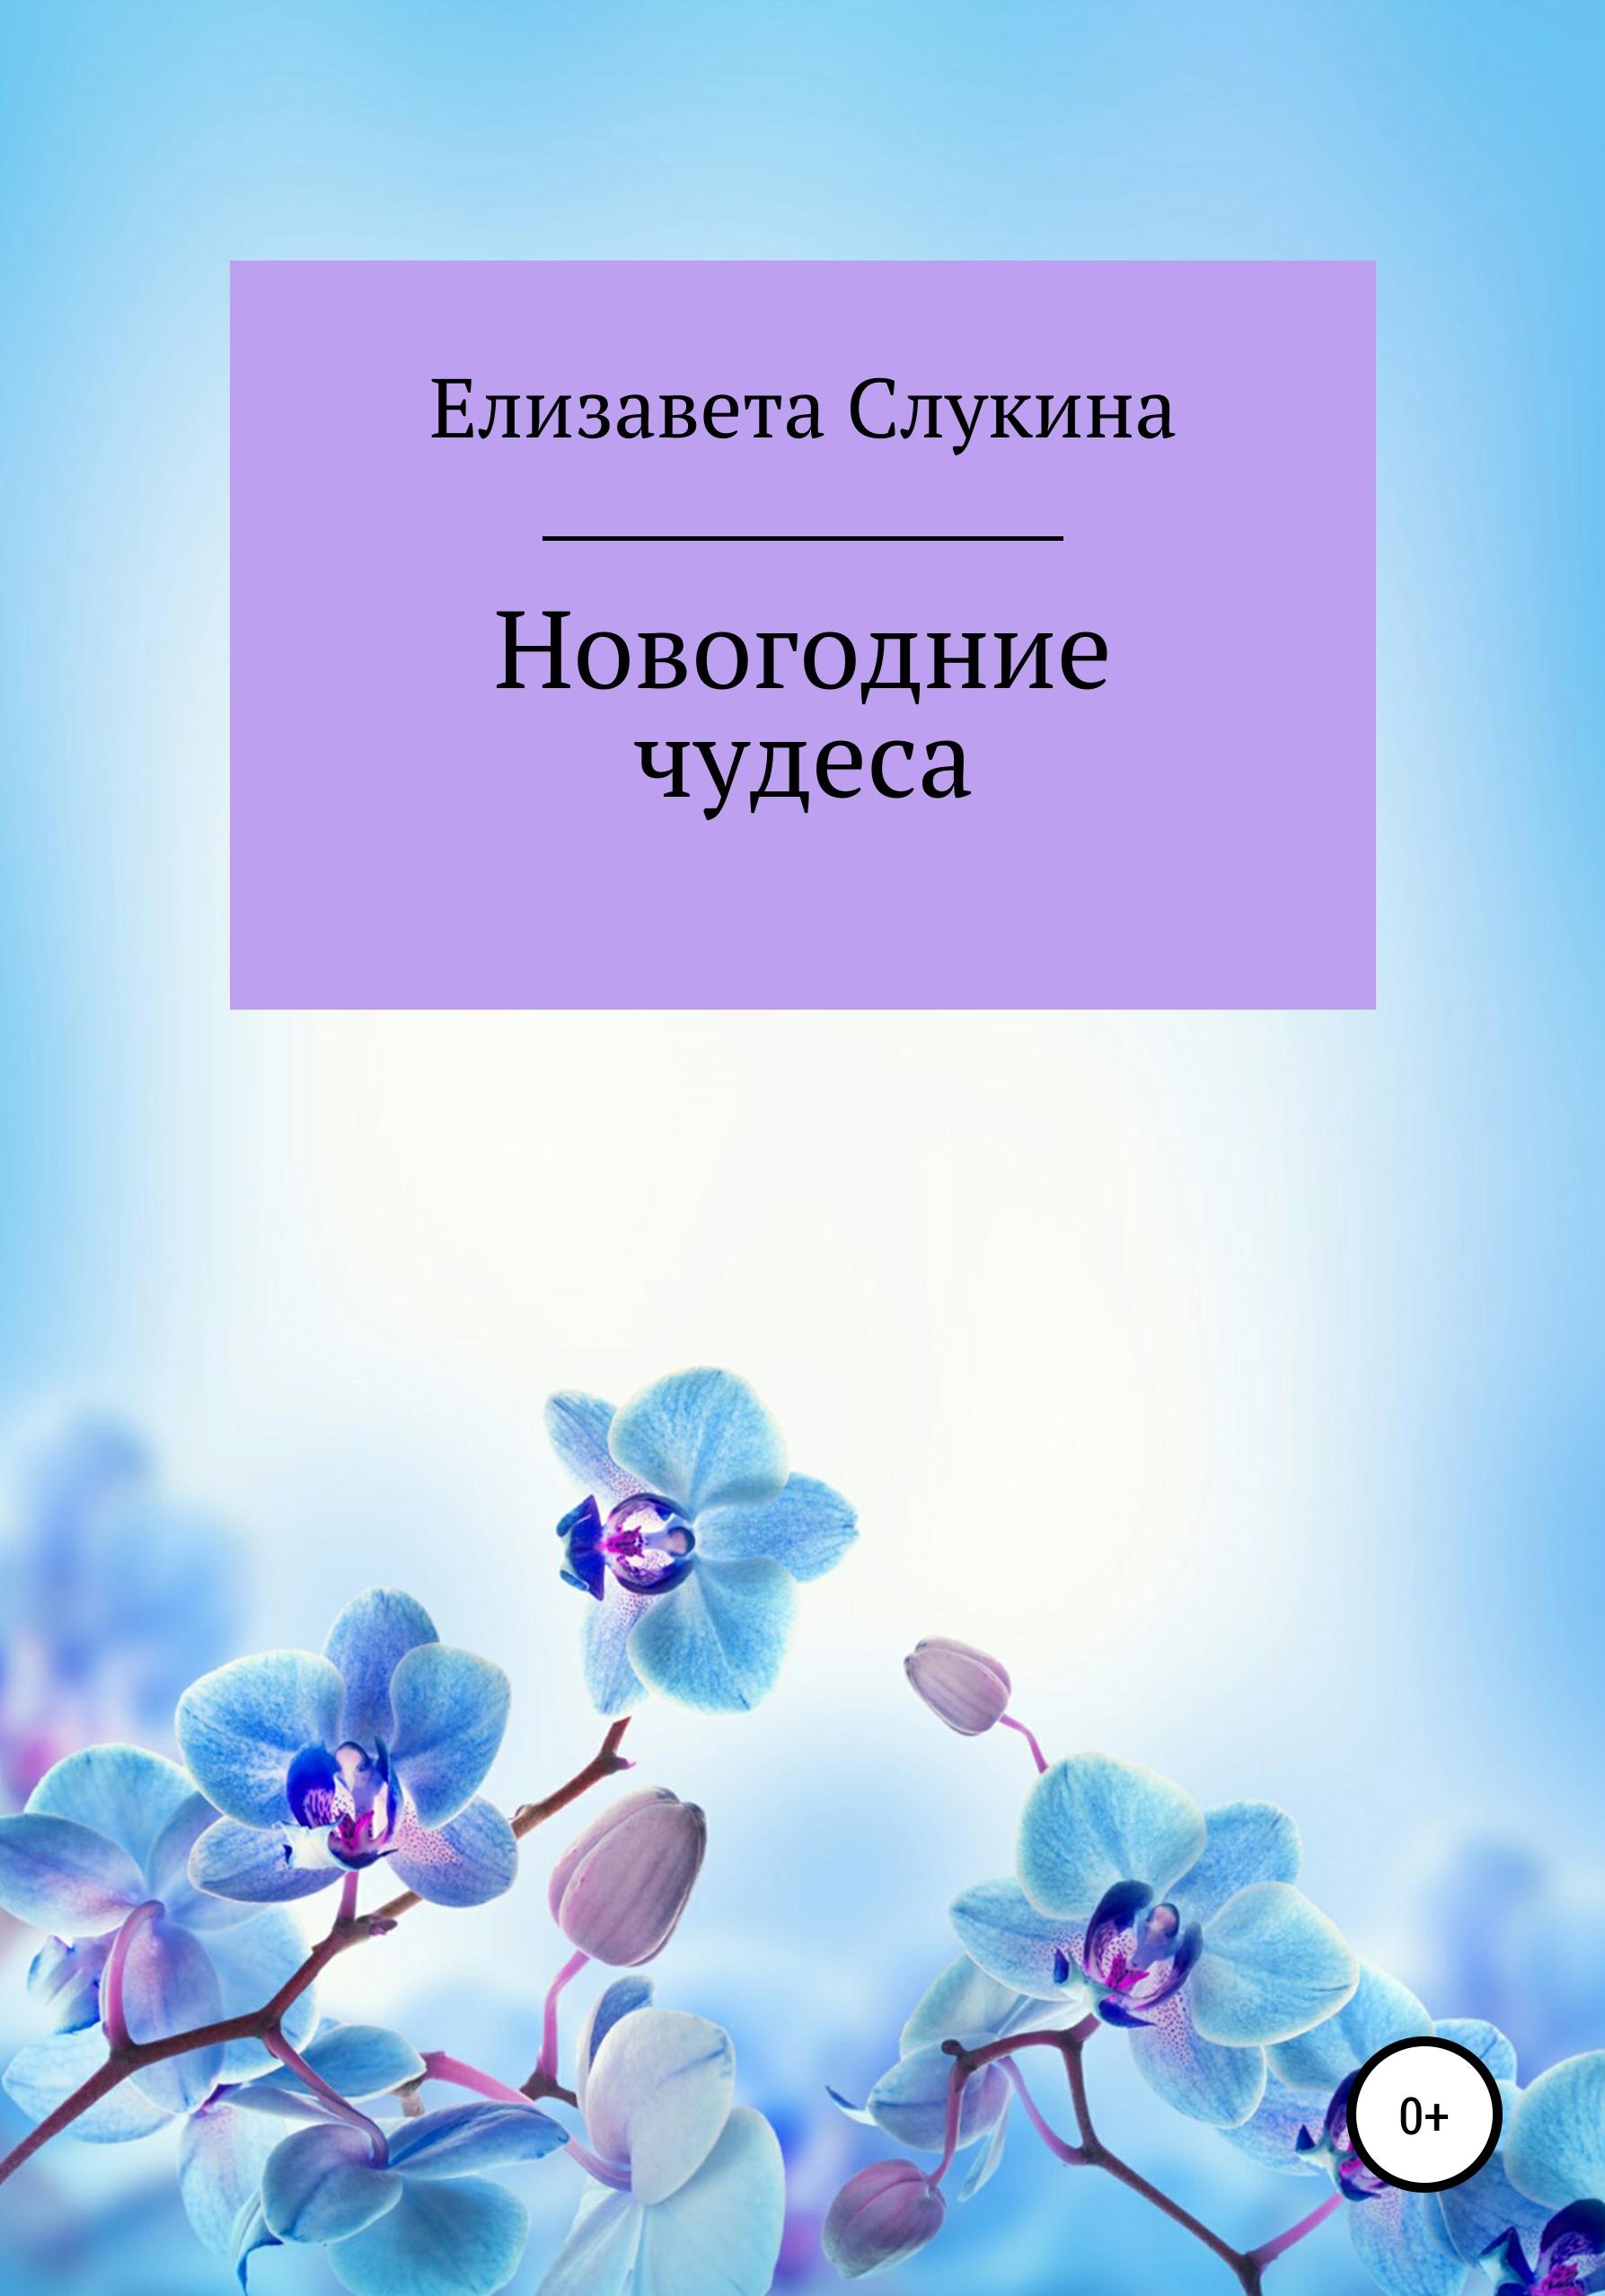 Купить книгу Новогодние чудеса, автора Елизаветы Юрьевны Слукиной